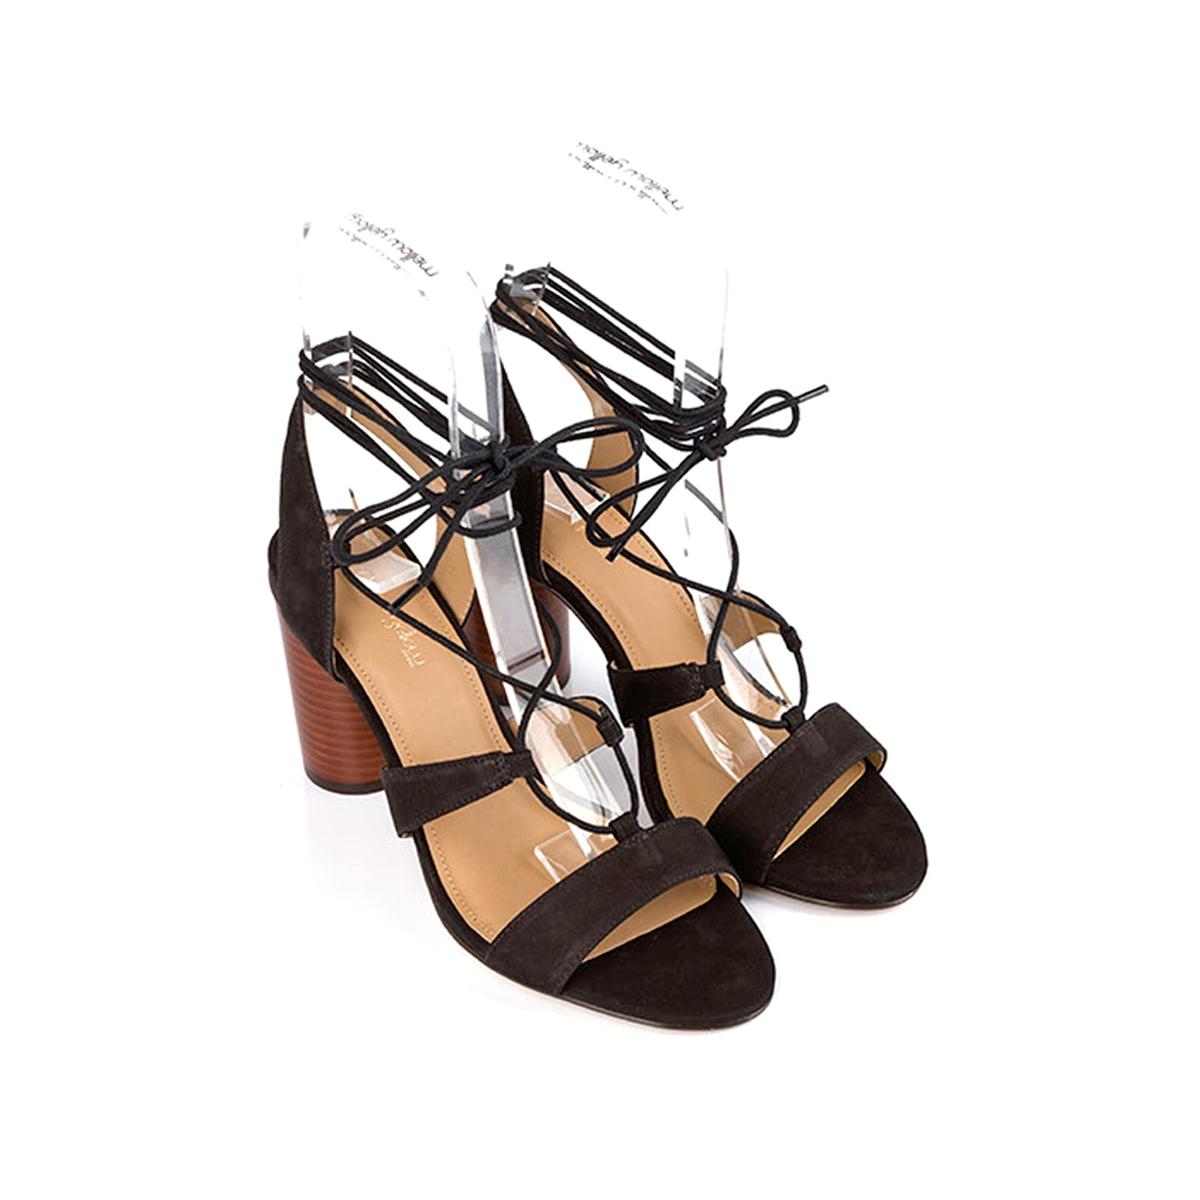 Босоножки кожаные BruneВерх/Голенище : кожа.    Подкладка : кожа.    Стелька : кожа.    Подошва : синтетика    Высота каблука : 9,5 см    Форма каблука : тонкий каблук    Мысок : закругленный    Застежка : завязки.<br><br>Цвет: черный<br>Размер: 39.38